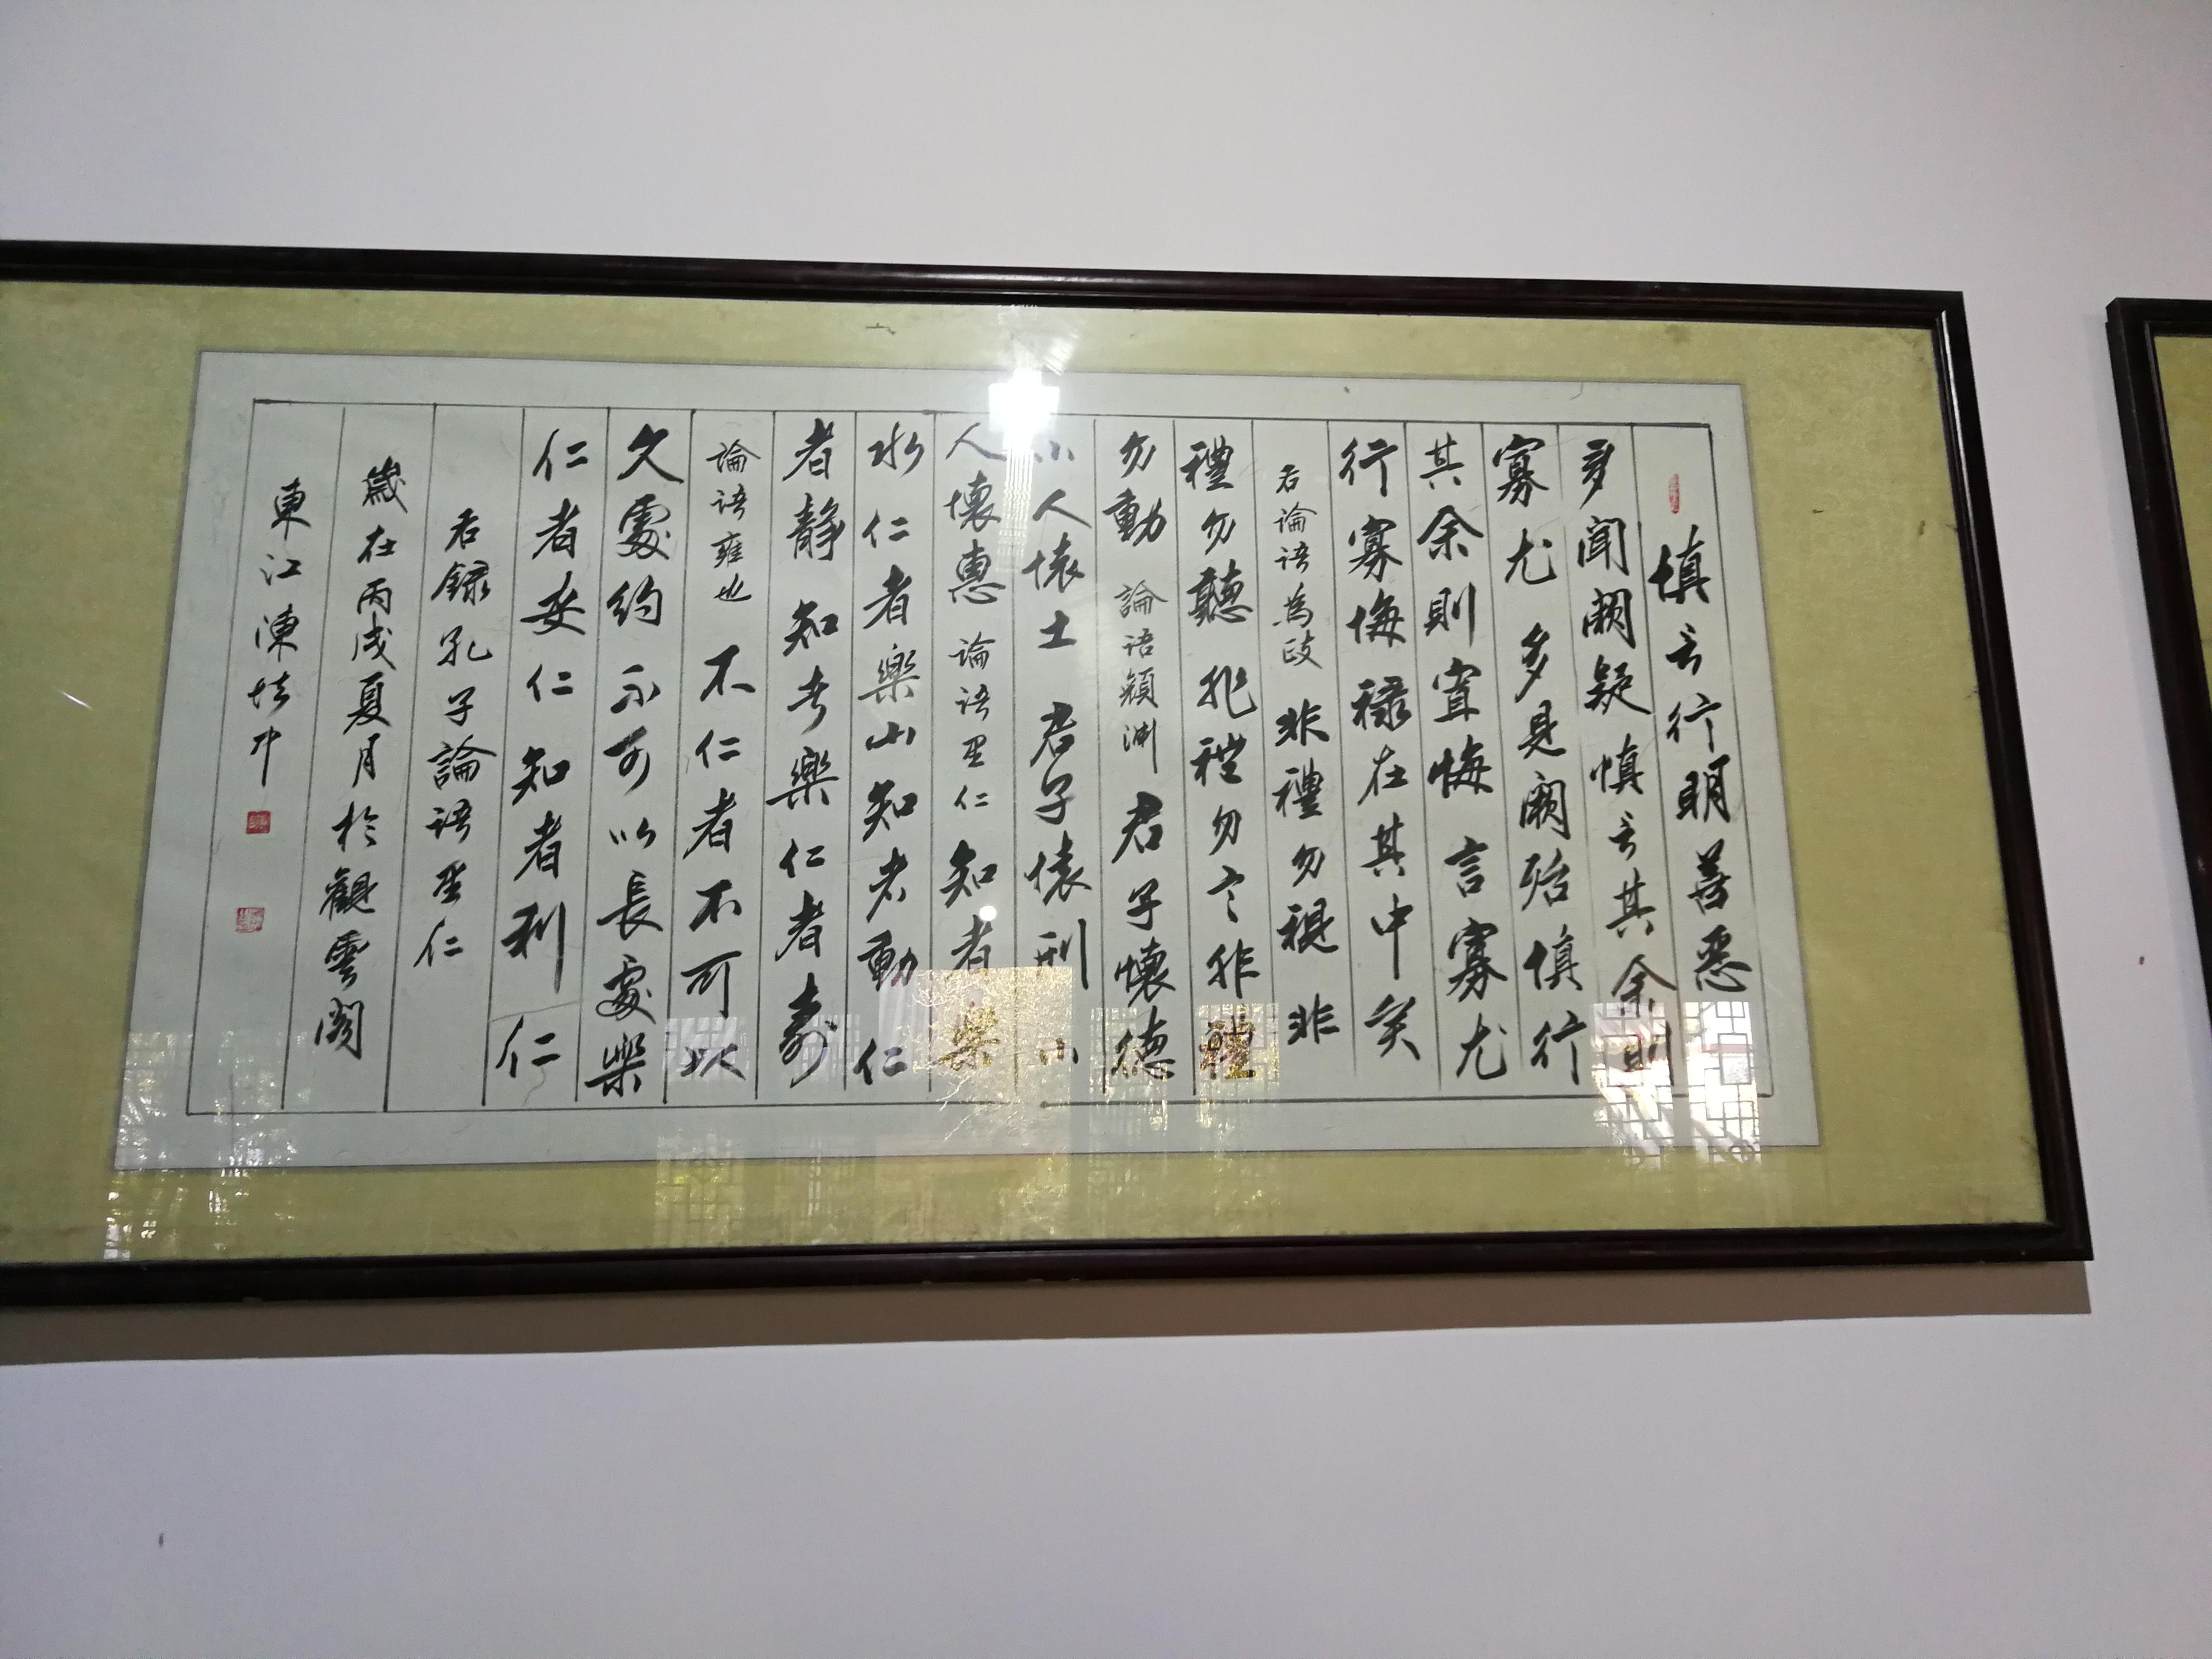 千年古县城广东河源龙川,佗城诉说千年的时光,多少往事在其中